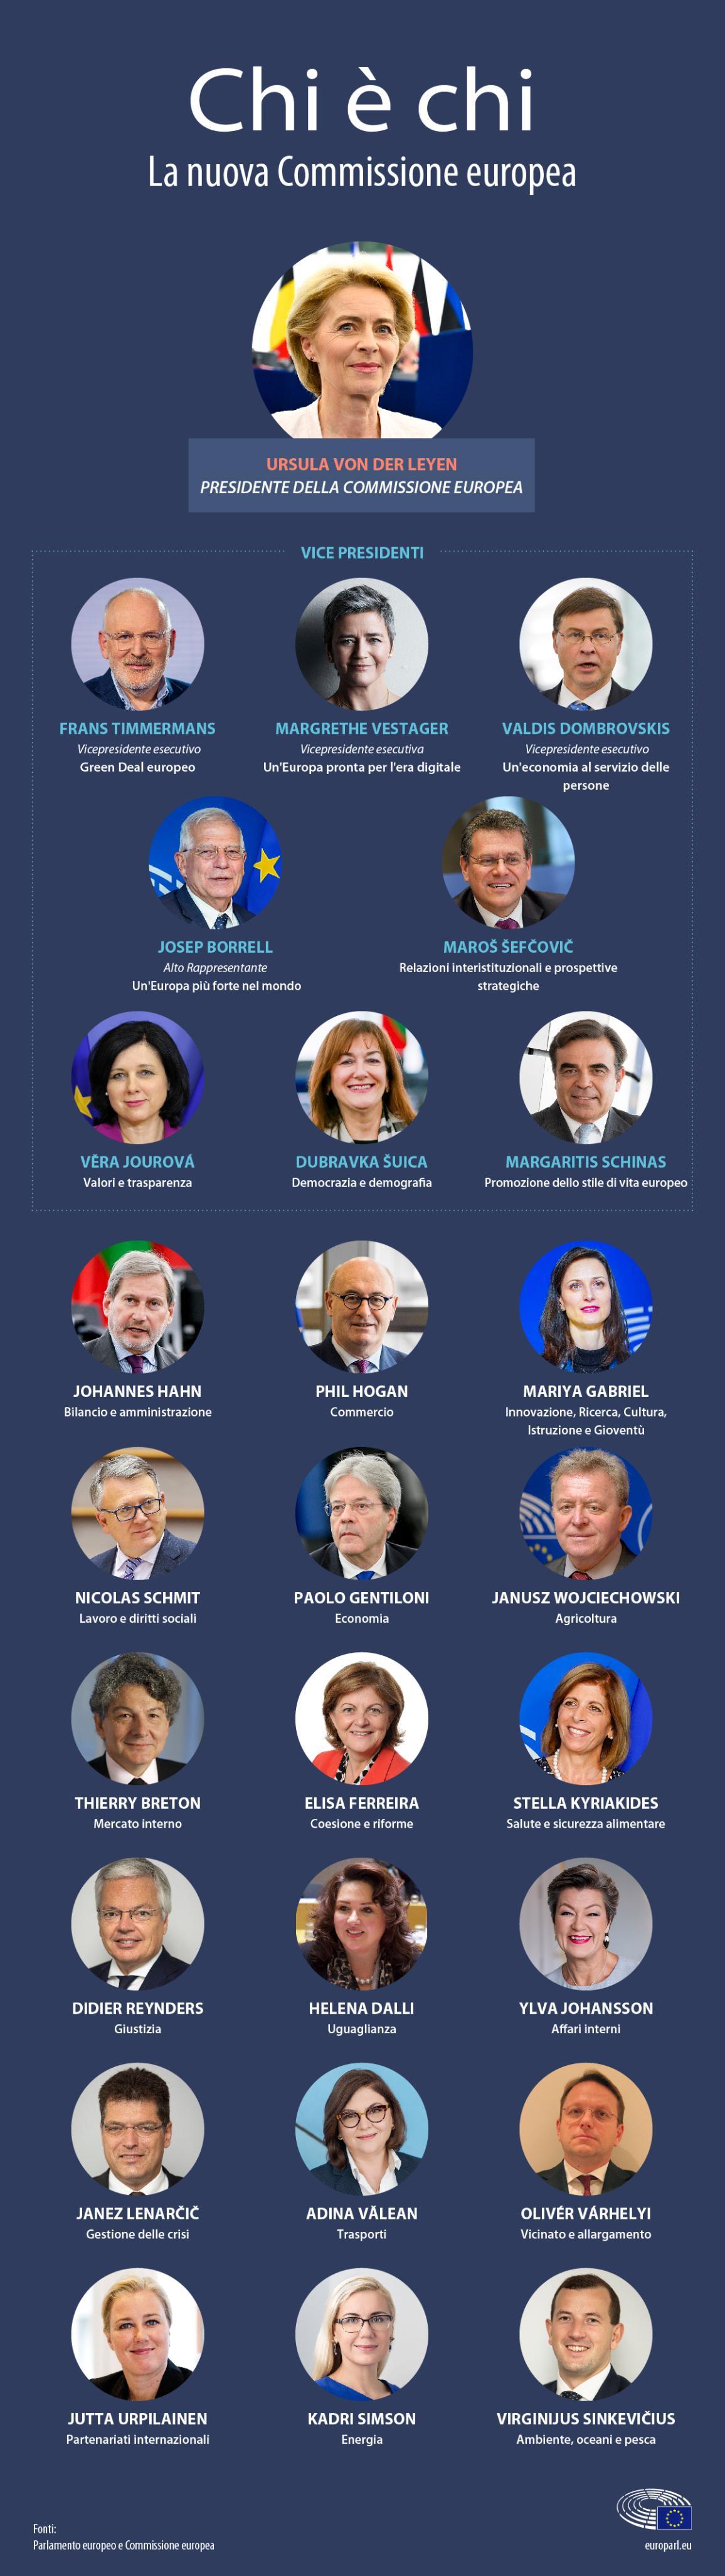 Infografica sulla nuova Commissione europea: chi è chi. I nomi e i portafogli dei 27 membri